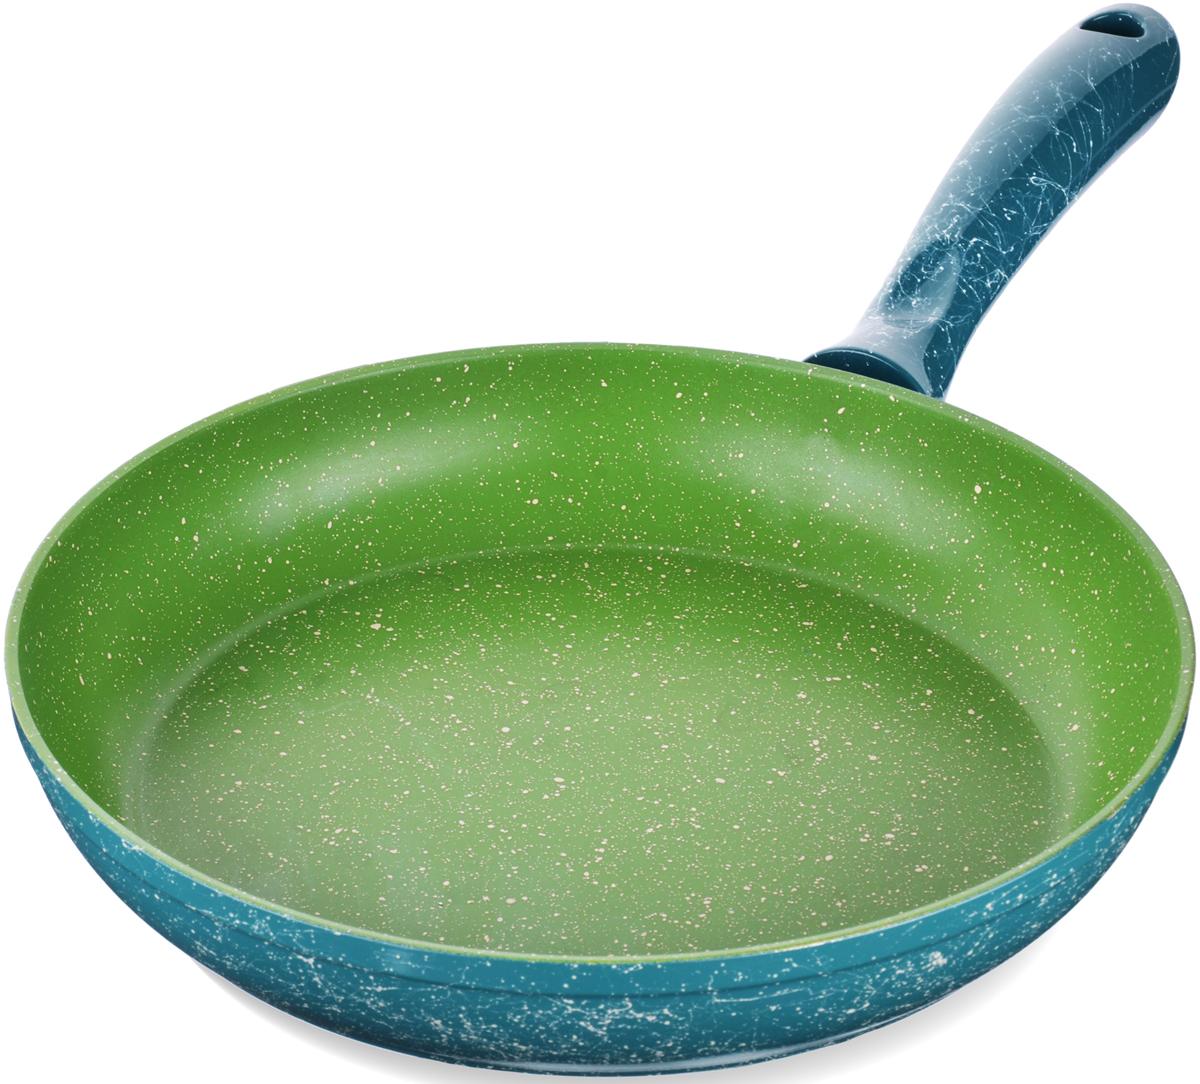 Сковорода с мраморной крошкой MAYER&BOCH выполнена из качественного литого алюминия и снабжена антипригарным покрытием особой прочности. Покрытие антипригарное жаропрочное, защищает сковороду от царапин, является экологически чистым и полностью безопасным, без вредных соединений и примесей. За счет того, что пища не пригорает и не пристает к покрытию сковороды, ее легко и быстро мыть. Прочное индукционное дно сковороды устойчиво к повреждениям и деформации. Эргономичная ручка из бакелита не нагревается и не скользит. Такая сковорода является незаменимой для жарки и тушения различных блюд. Подходит для использования на всех типах плит. Подходит для мытья в посудомоечной машине.